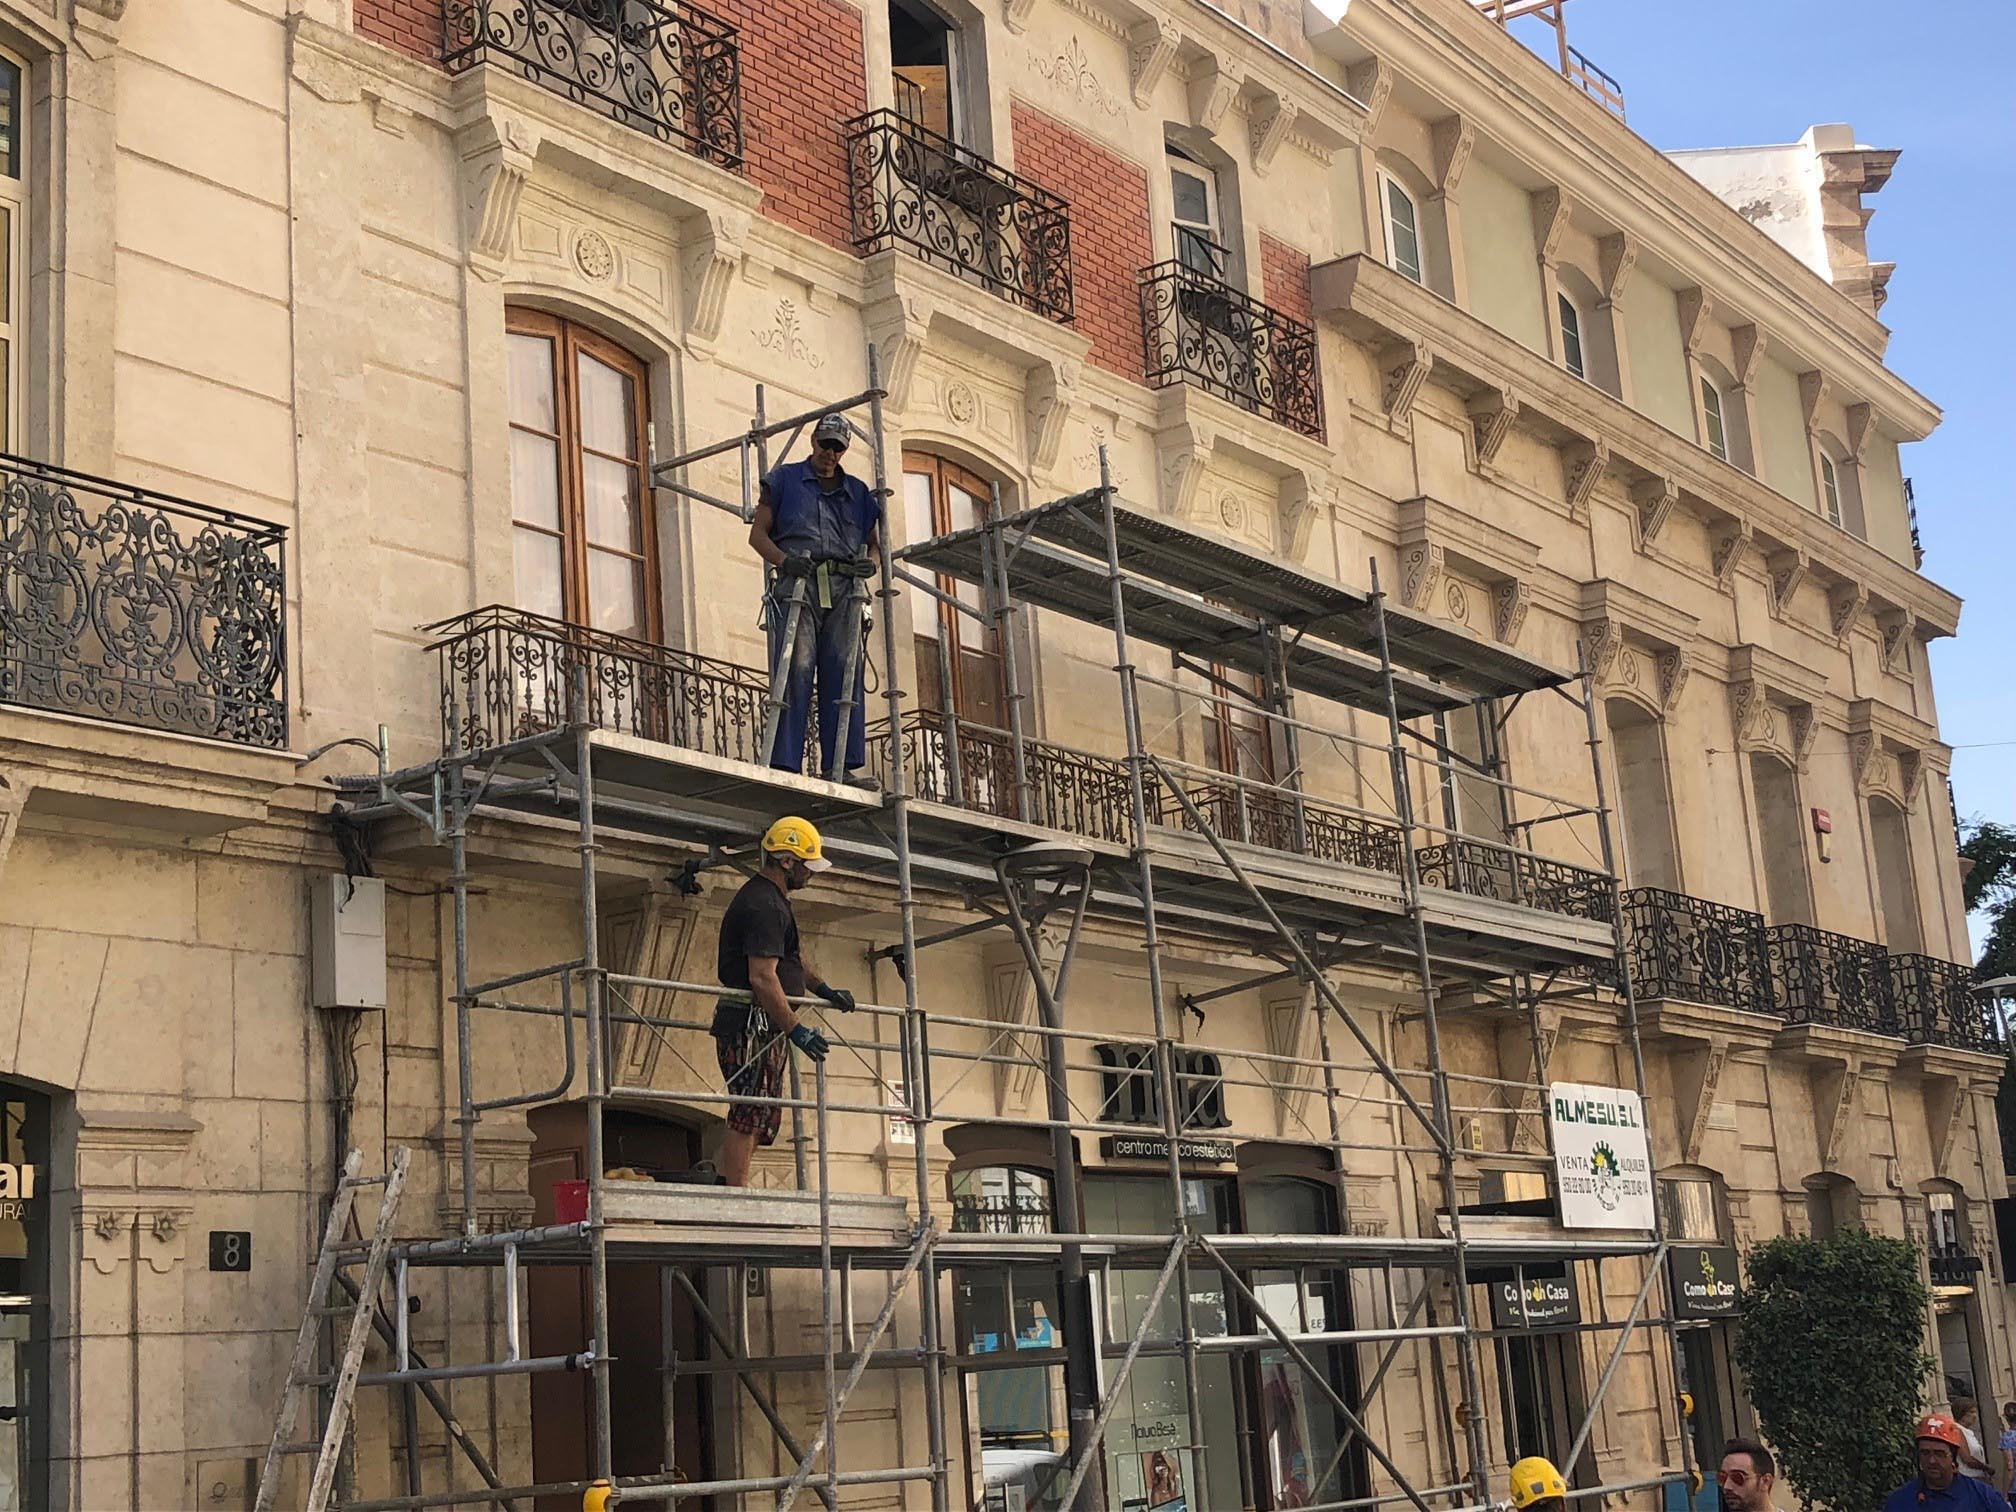 El Ayuntamiento aprueba definitivamente la concesión de subvenciones a diecinueve inmuebles para su rehabilitación